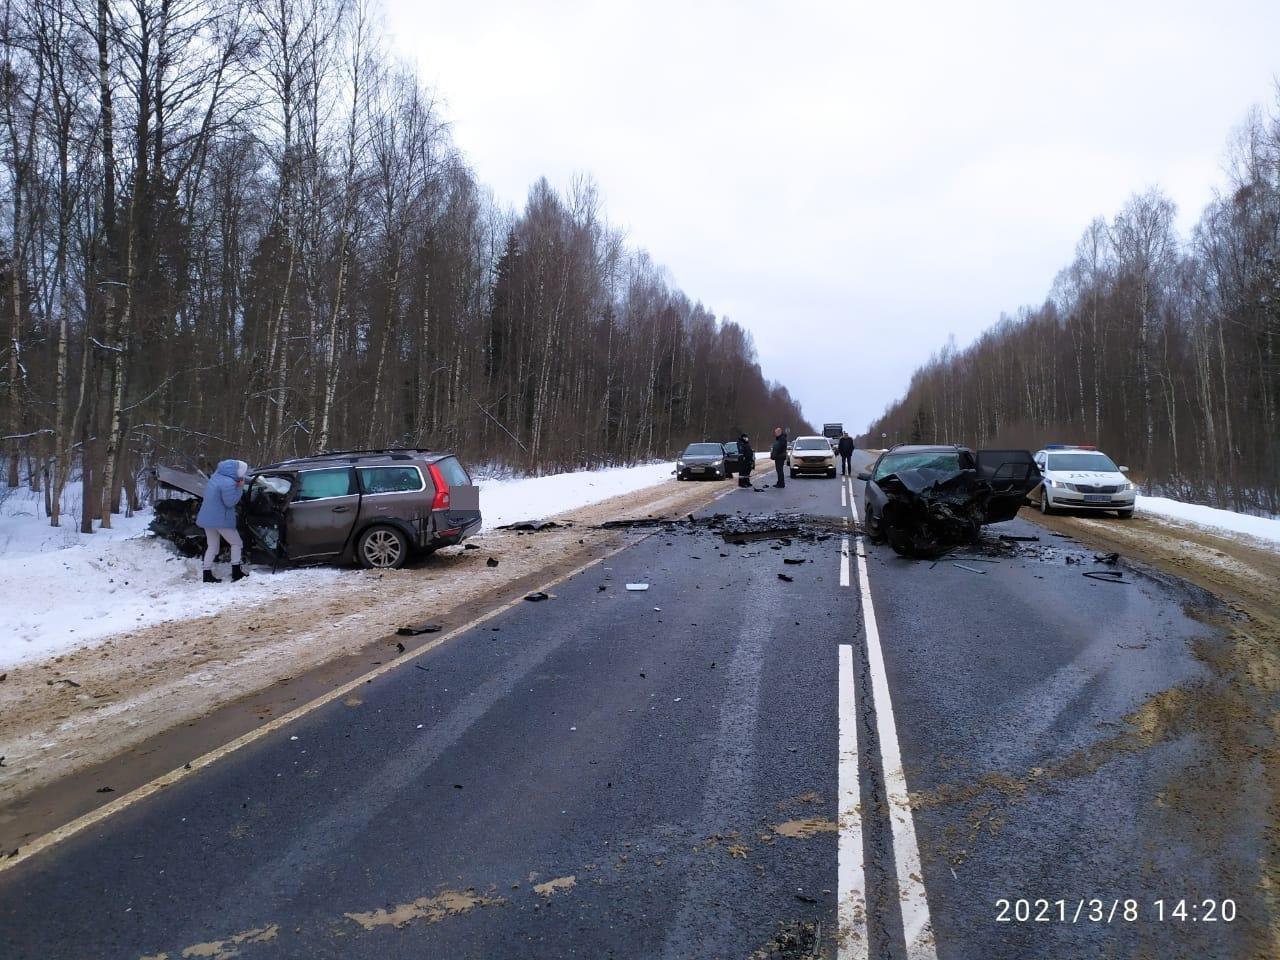 Опубликовано видео с места смертельного ДТП на М-9 в Тверской области